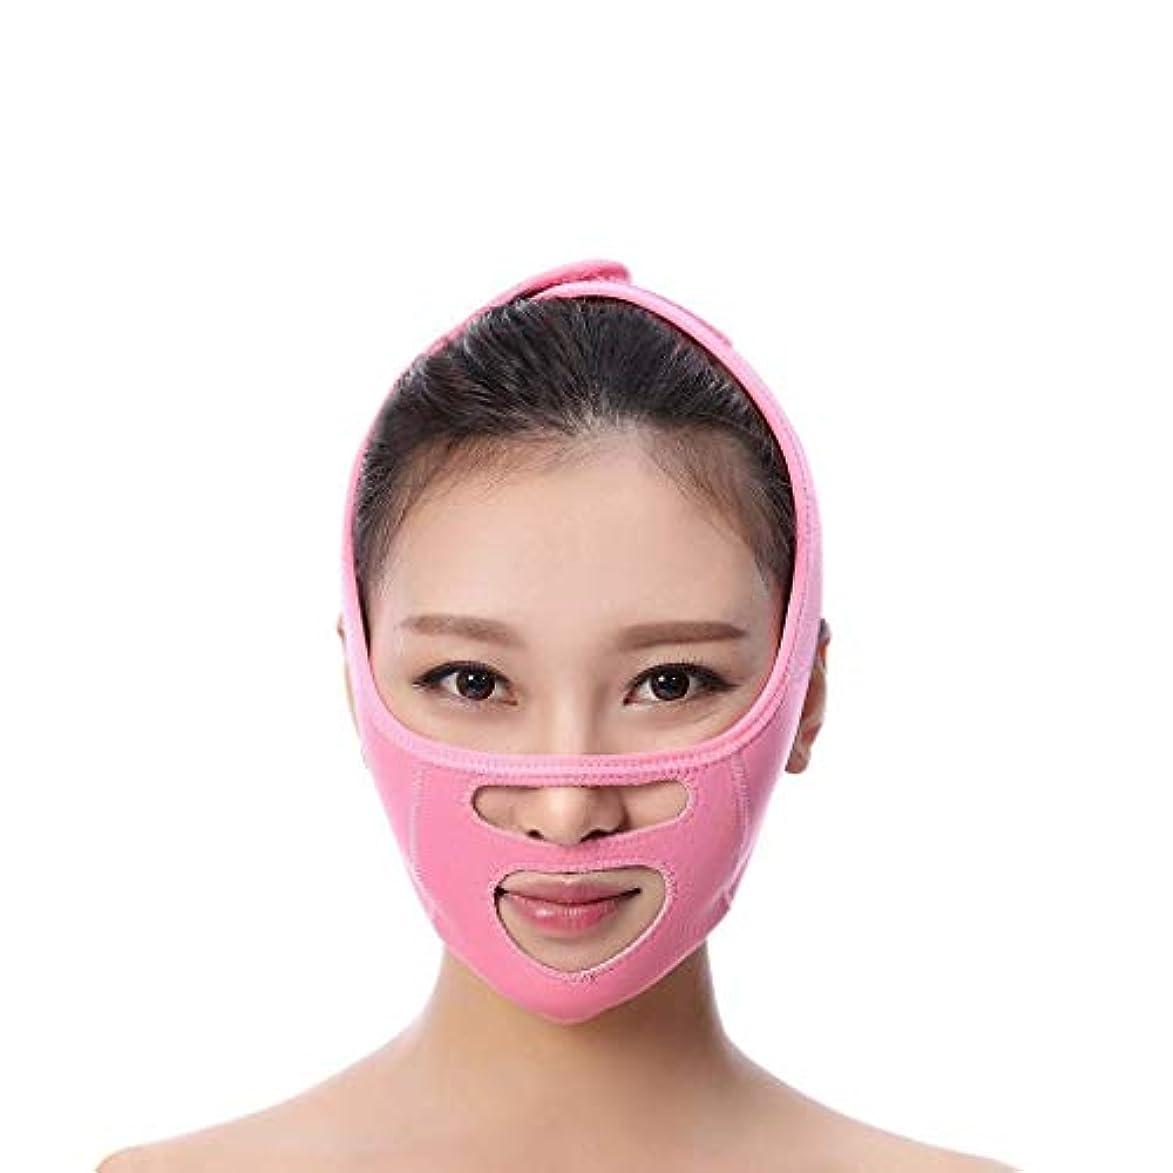 悲しいことにレザー羊飼いフェイスリフトテープ&バンド、フェイススリミングマスク、ダブルチン、ダブルチンリデューサー、シワ防止マスク、リフティングシェイプ(フリーサイズ)(カラー:ピンク),ピンク